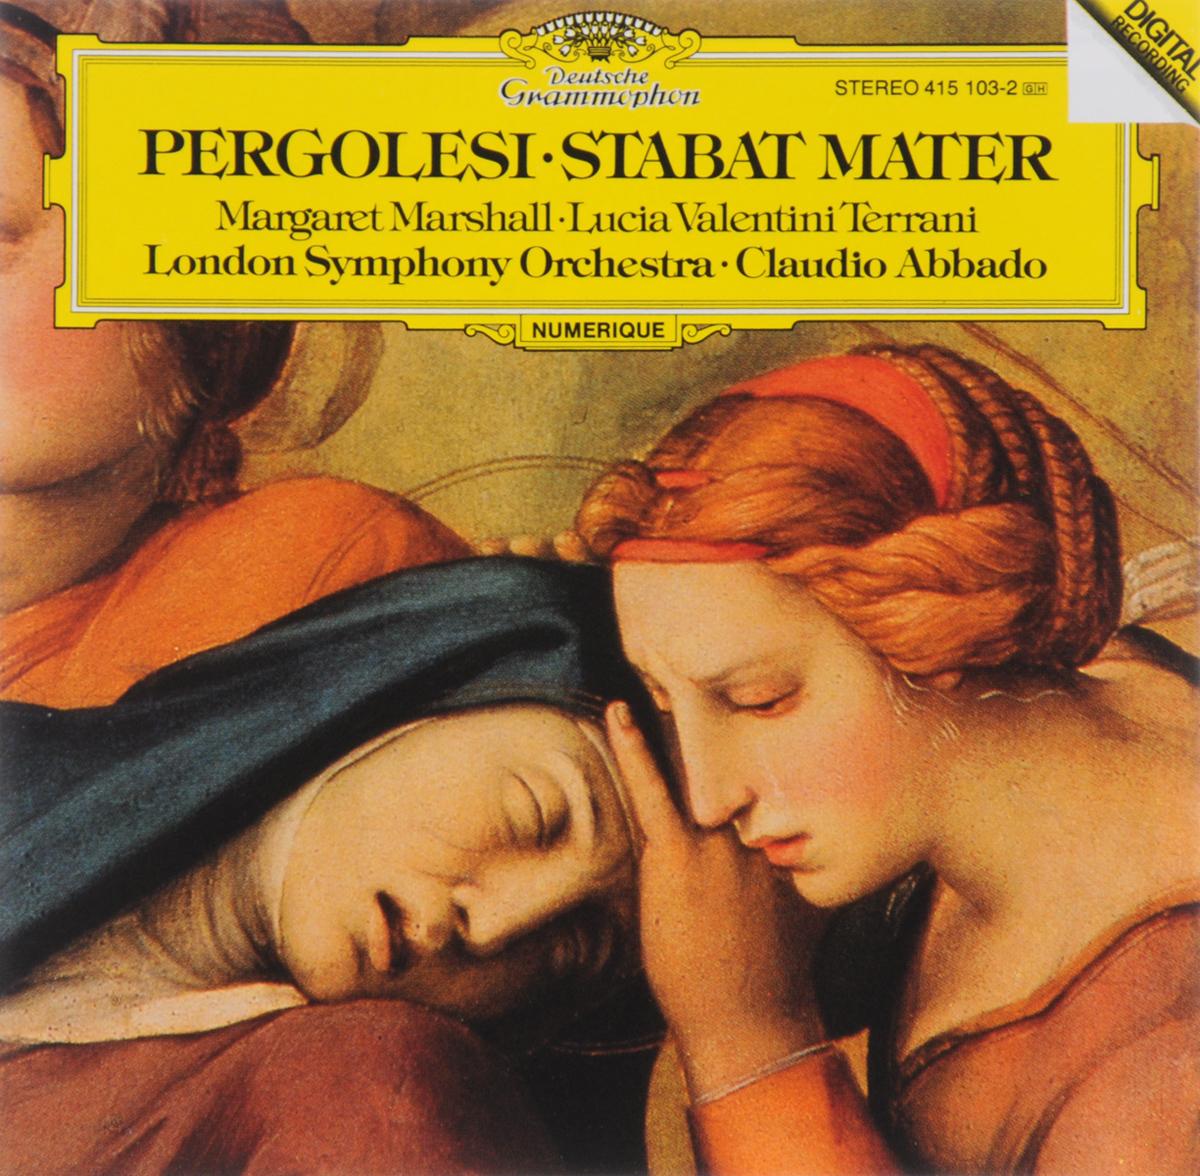 К изданию прилагается 24-страничный буклет с фотографиями, текстами песен и дополнительной информацией на немецком, английском, французском и итальянском языках.